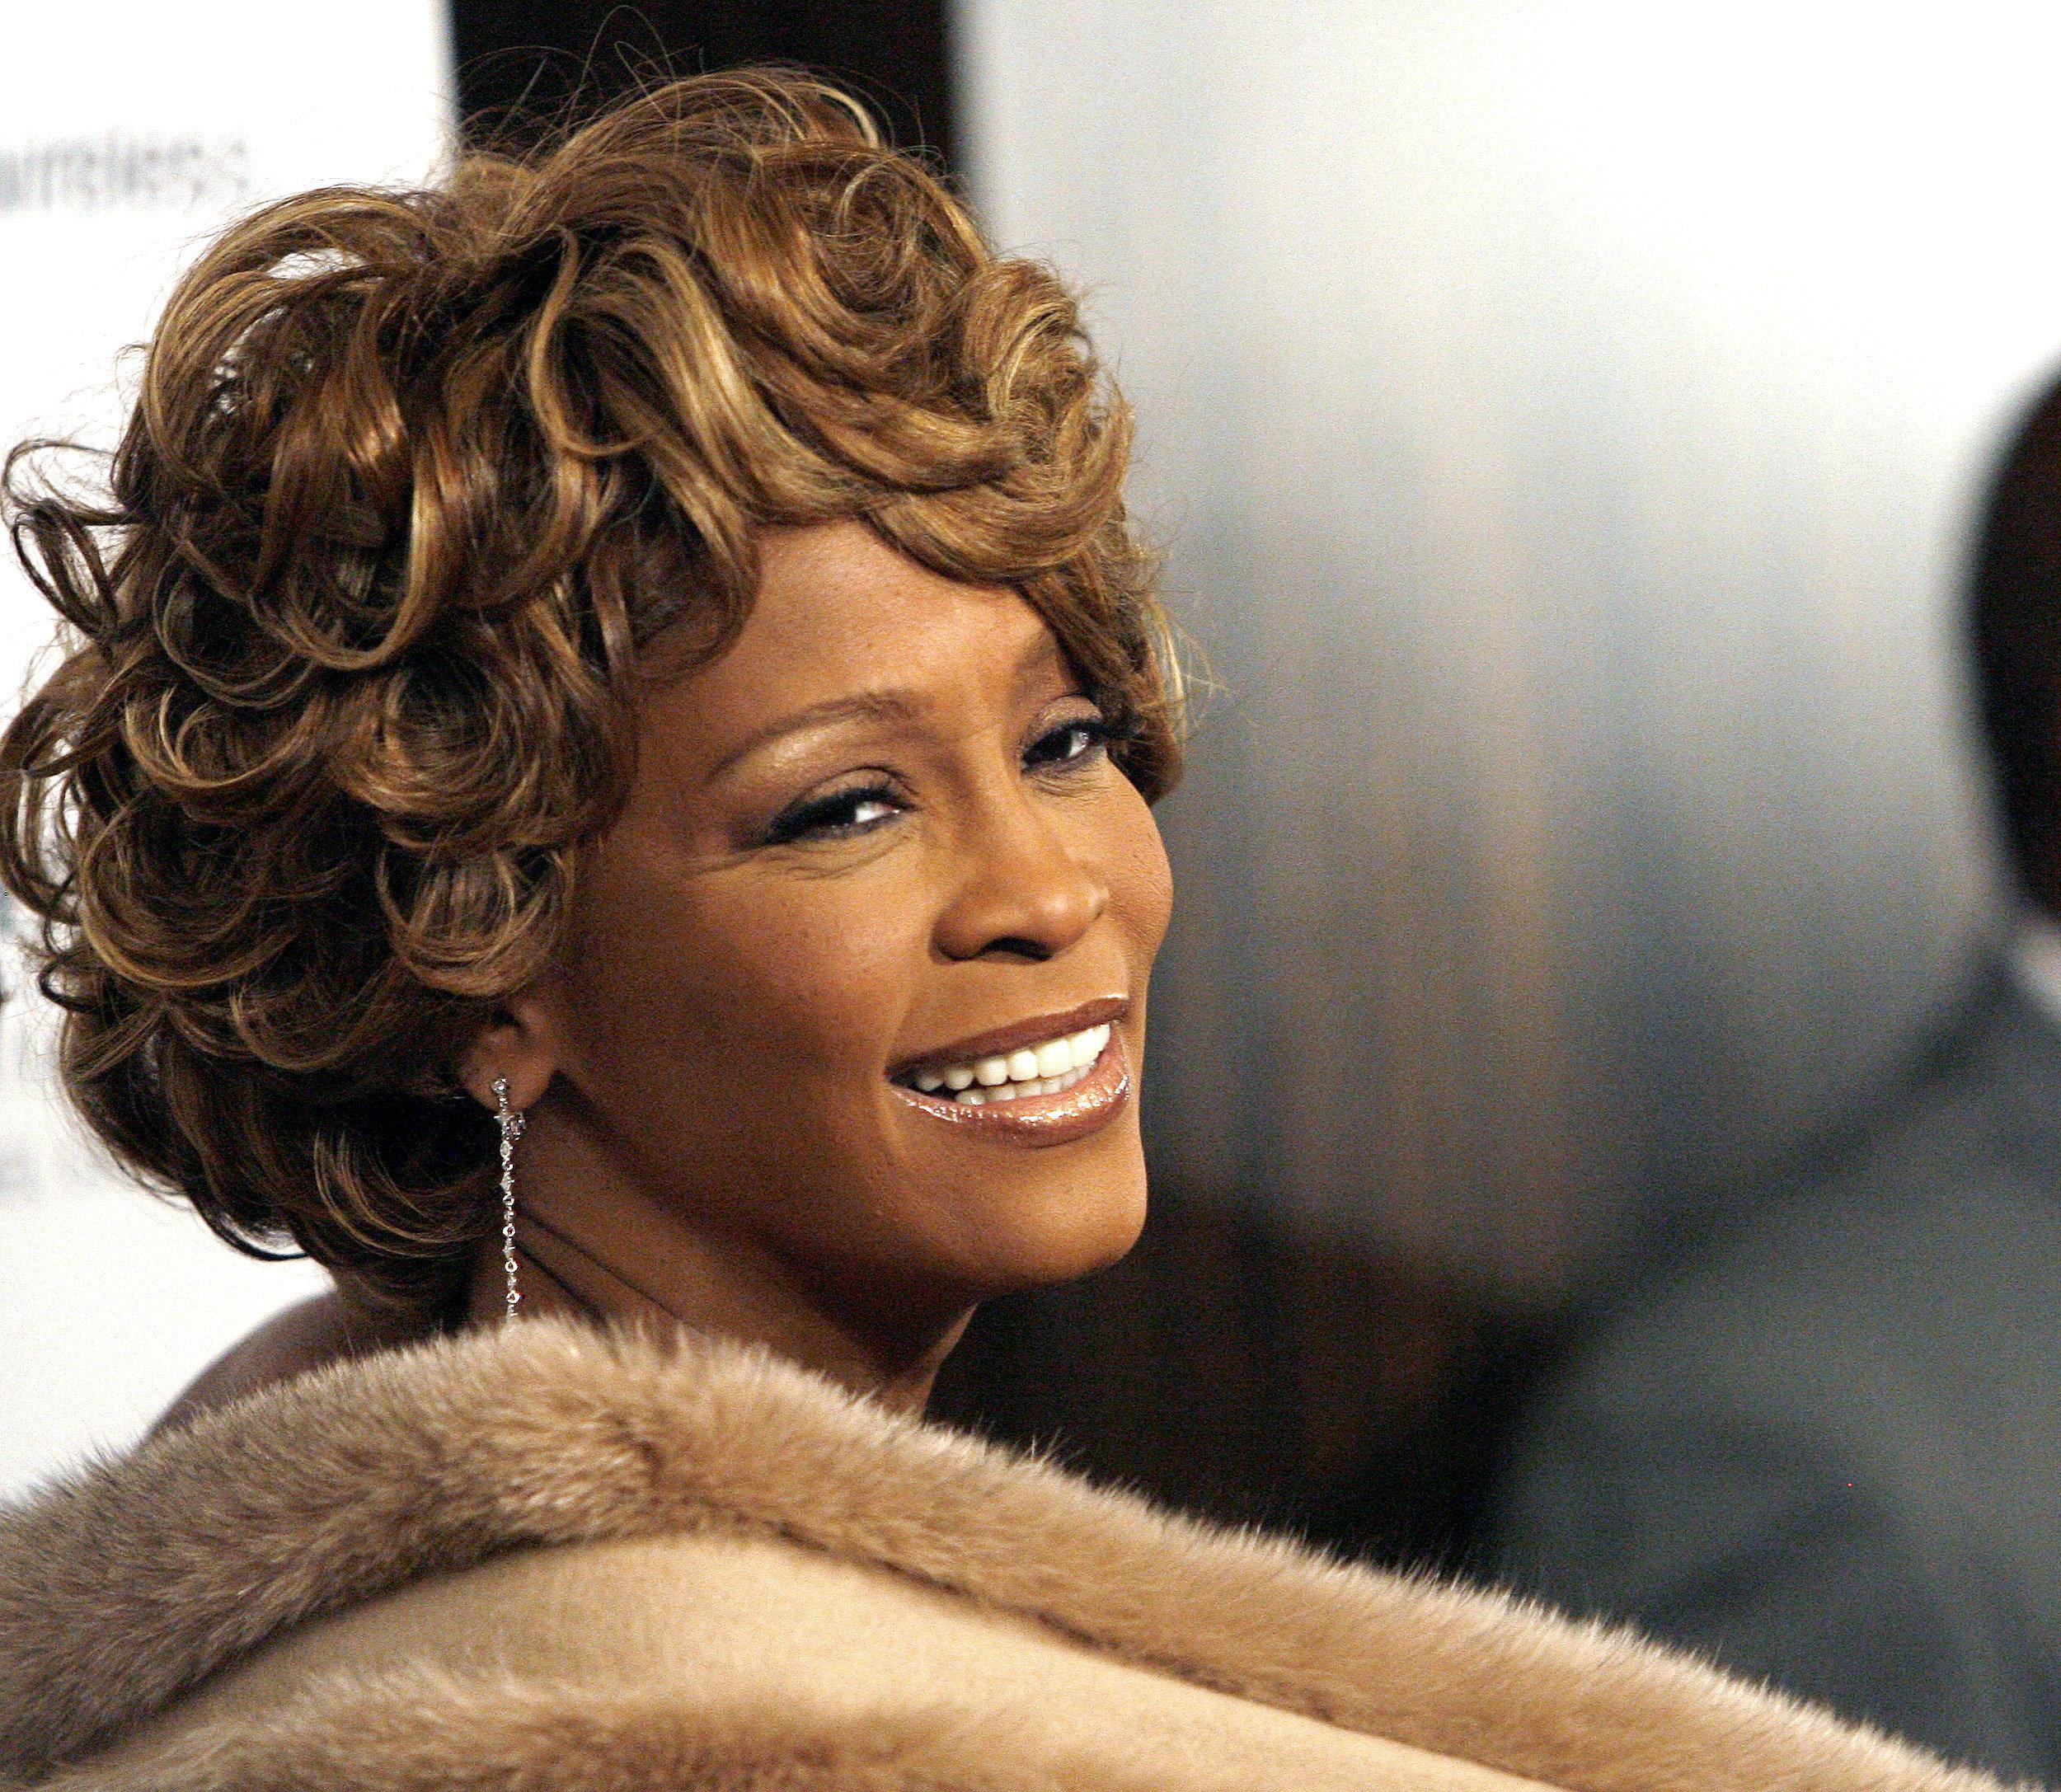 Το σκοτεινό μυστικό της οικογένειας της Whitney Houston αποκαλύπτεται στο νέο ντοκιμαντέρ για τη ζωή